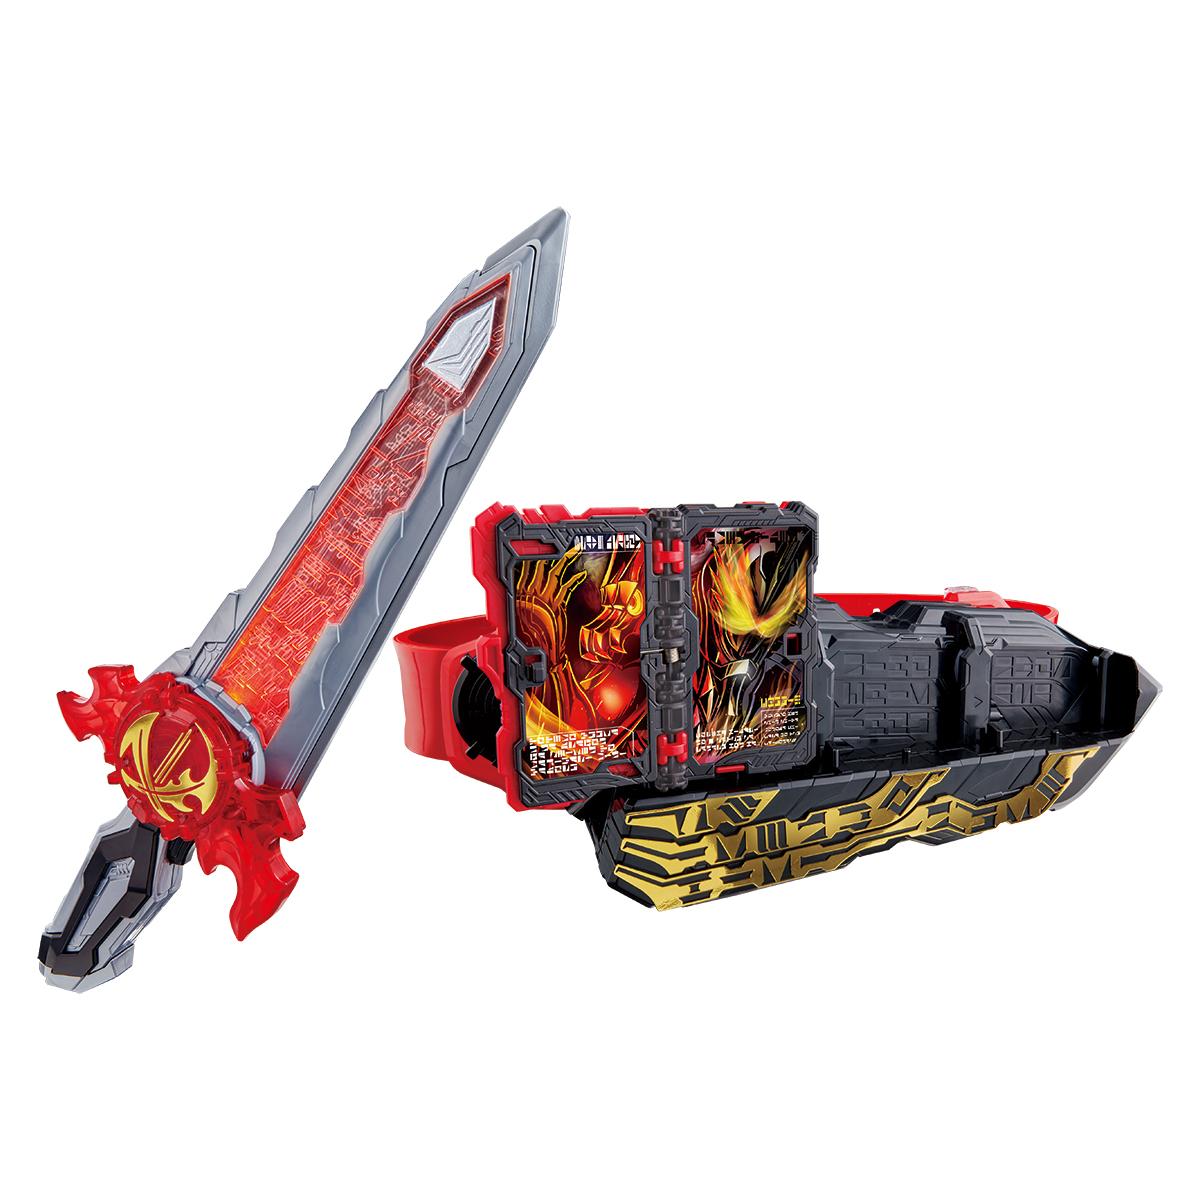 【先行抽選販売】変身ベルト『DX聖剣ソードライバー』仮面ライダーセイバー 変身なりきり-001